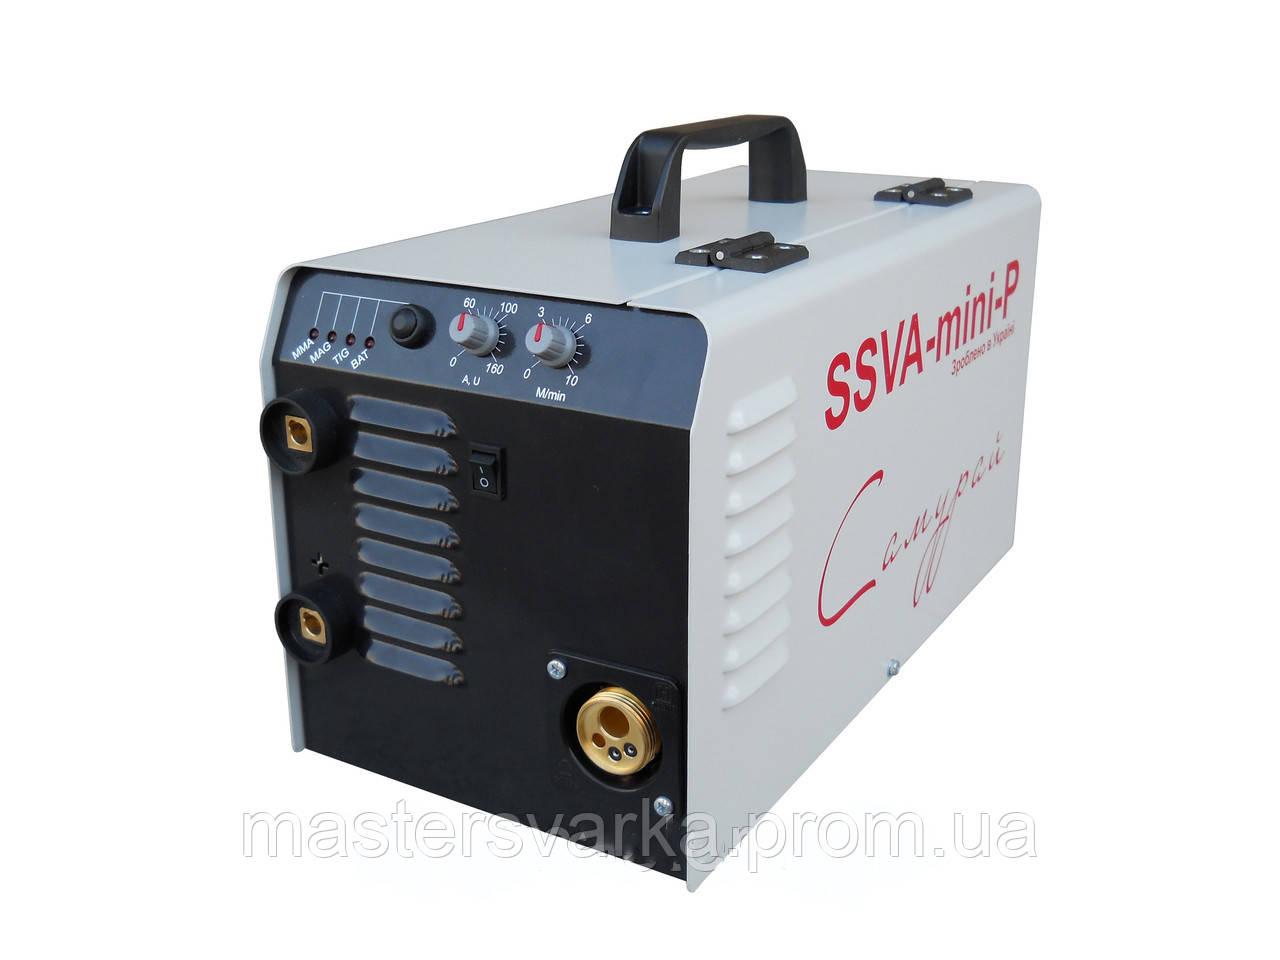 """Сварочный полуавтомат инверторного типа SSVA-mini-P """"Самурай"""" без сварочной горелки."""